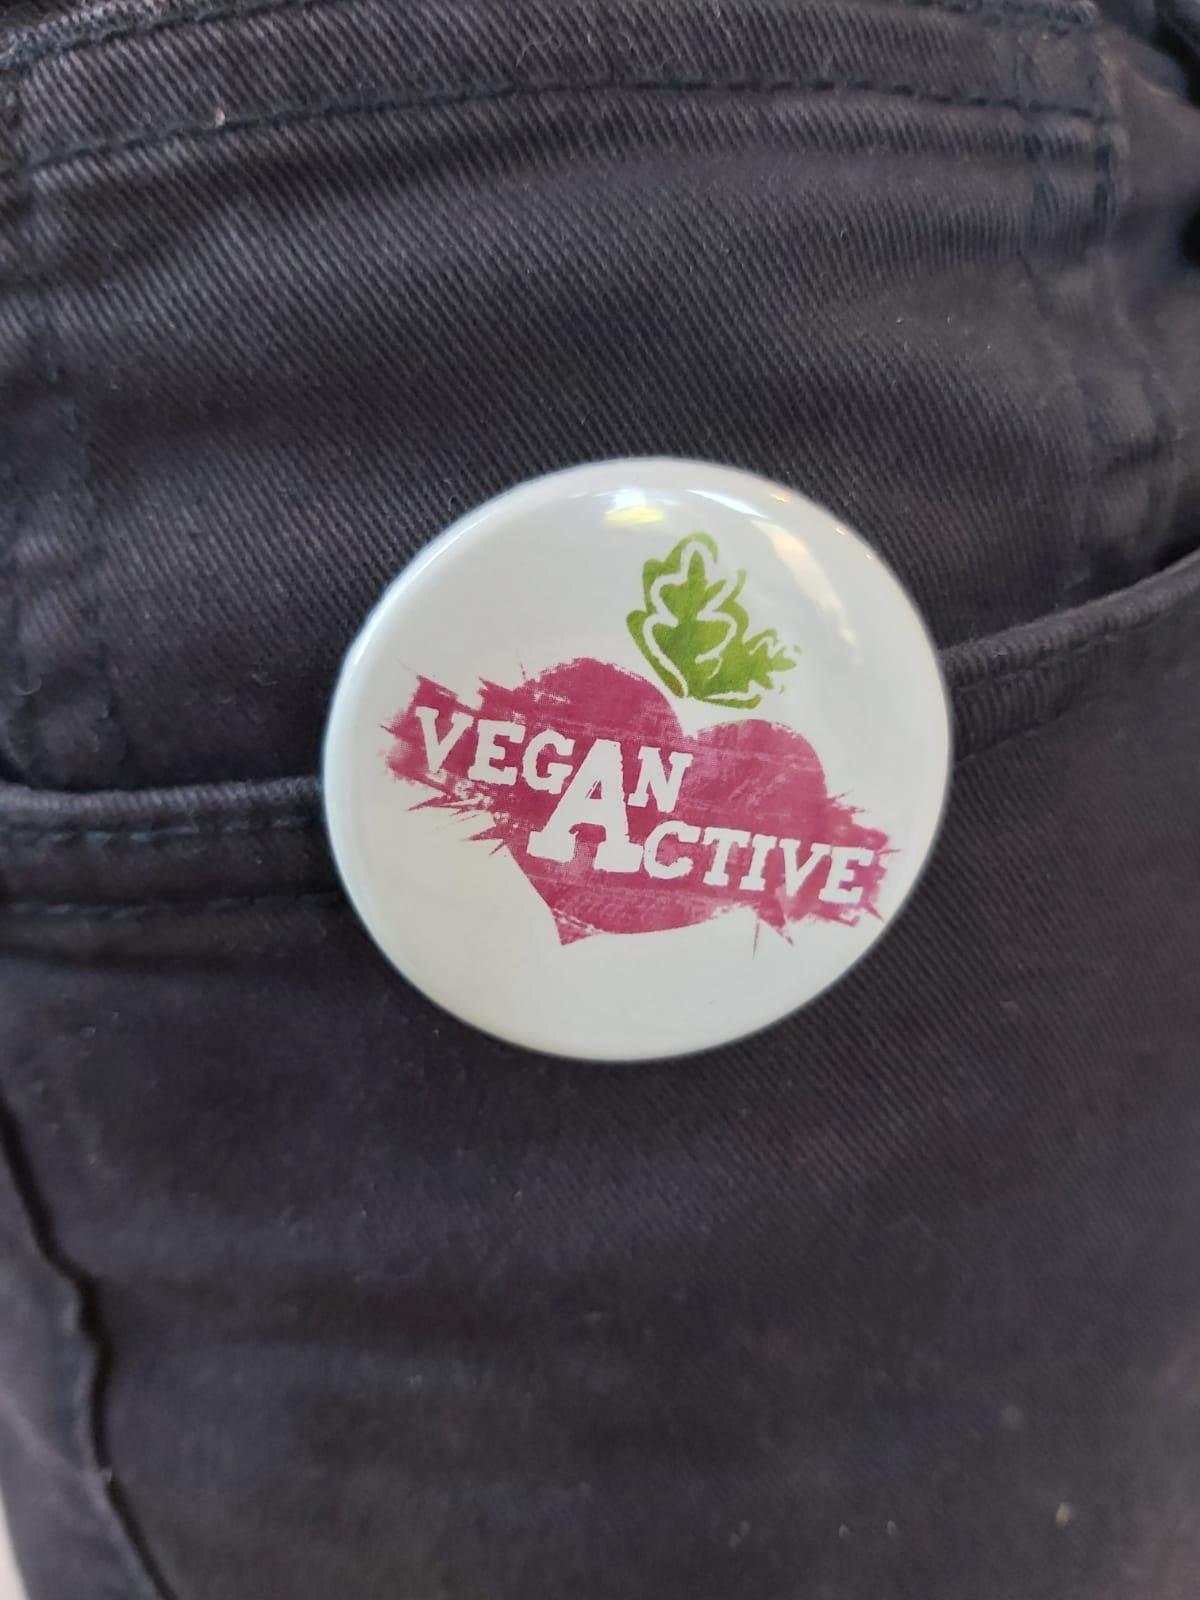 סיכת Vegan Active